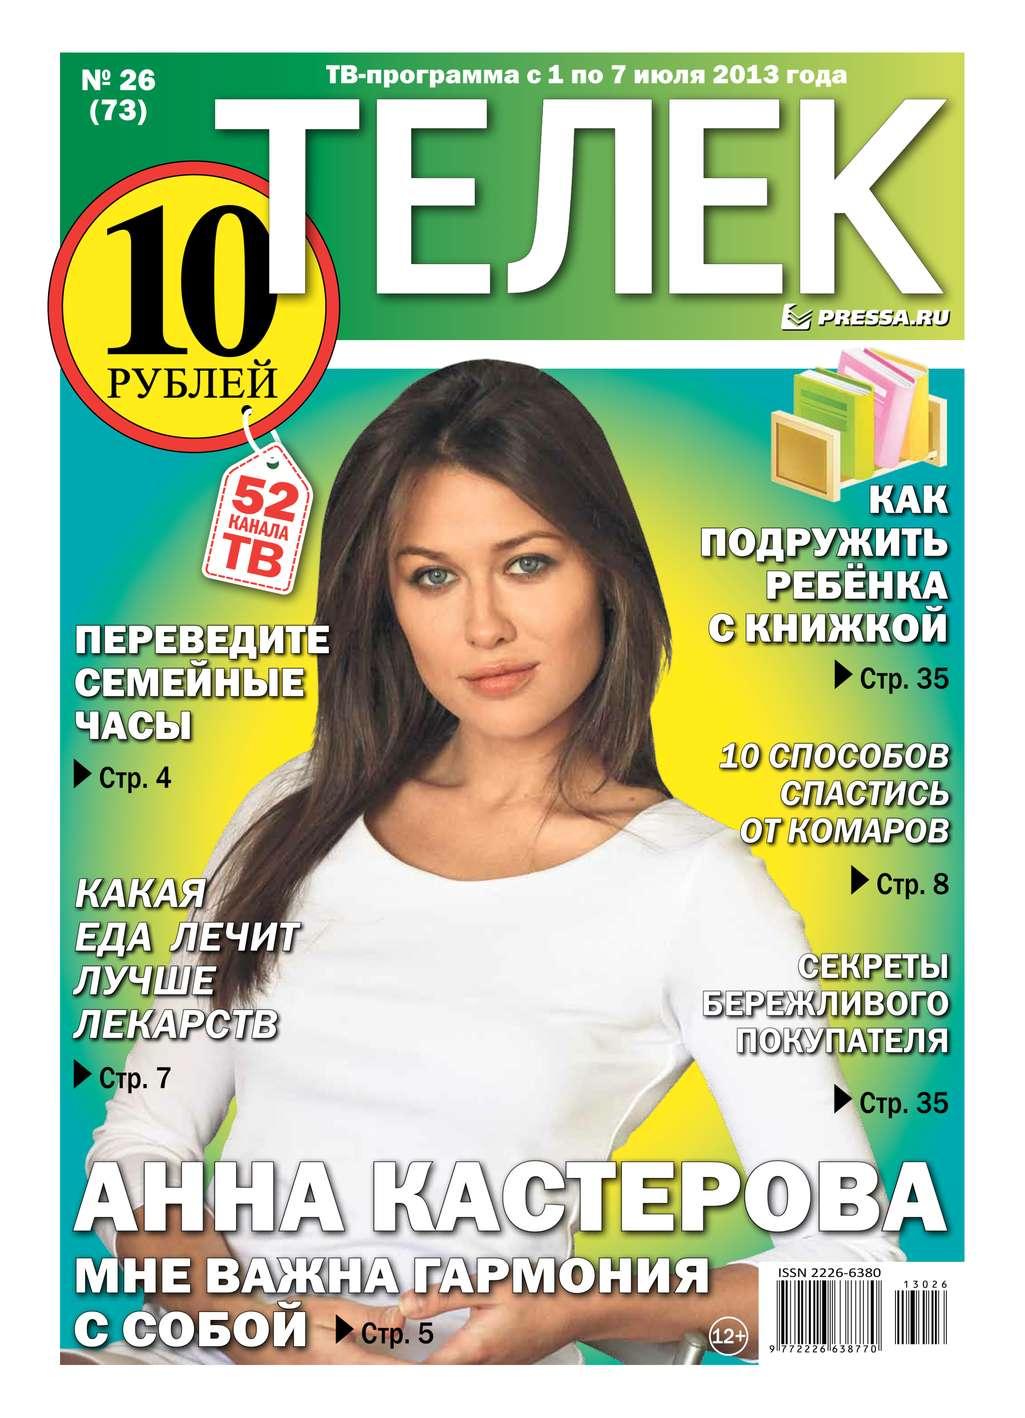 Редакция газеты ТЕЛЕК PRESSA.RU Телек 26-2013 аджна божевильна 33 рифмооткровения